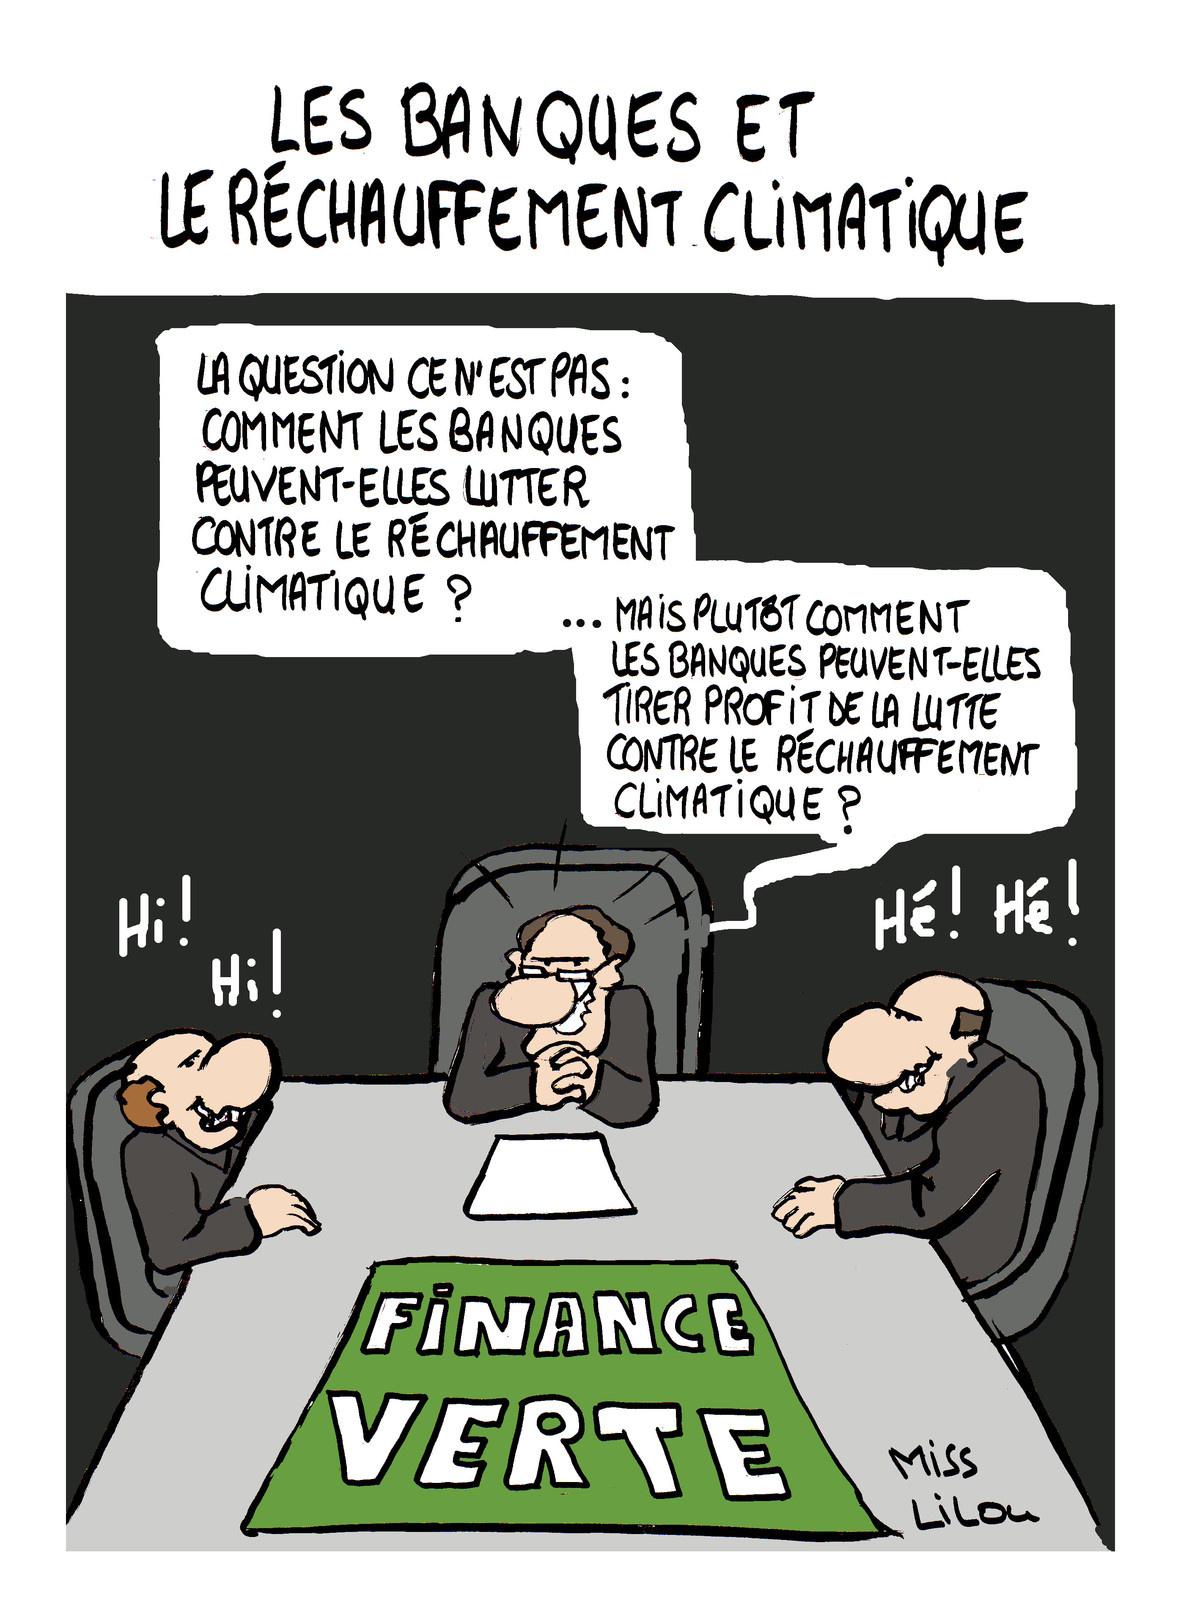 dessin humoristique de banquiers en train de profiter de la lutte contre le réchauffement climatique pour gagner de l'argent